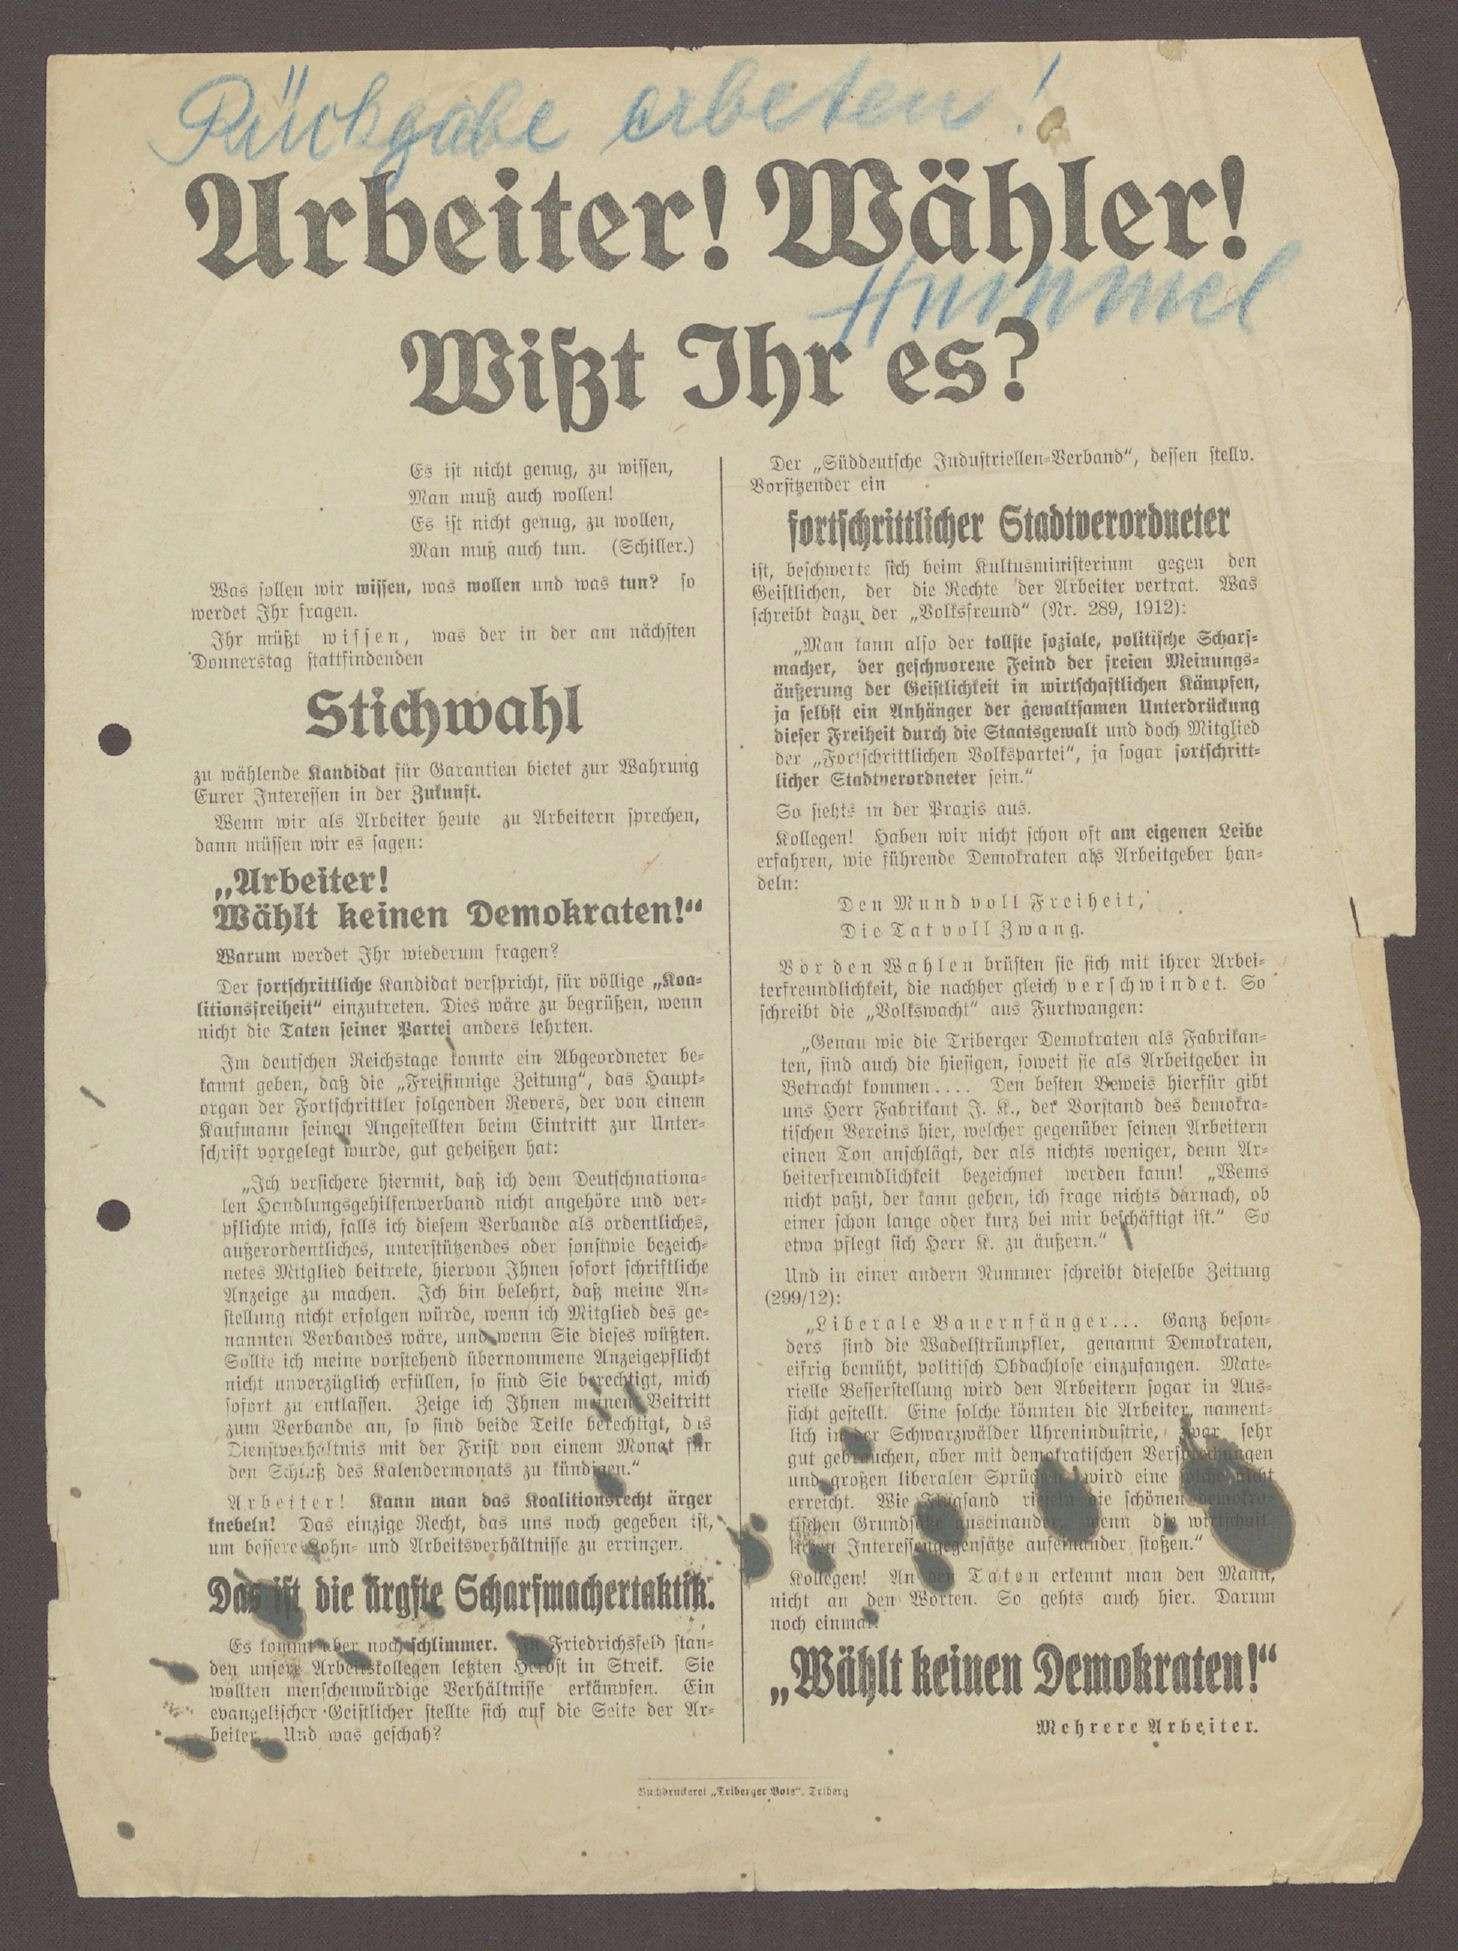 """Flugblatt: """"Arbeiter! Wähler! Wißt Ihr es?..."""", Mehrere Arbeiter, 1913, Triberger Bote, Triberg, Bild 1"""